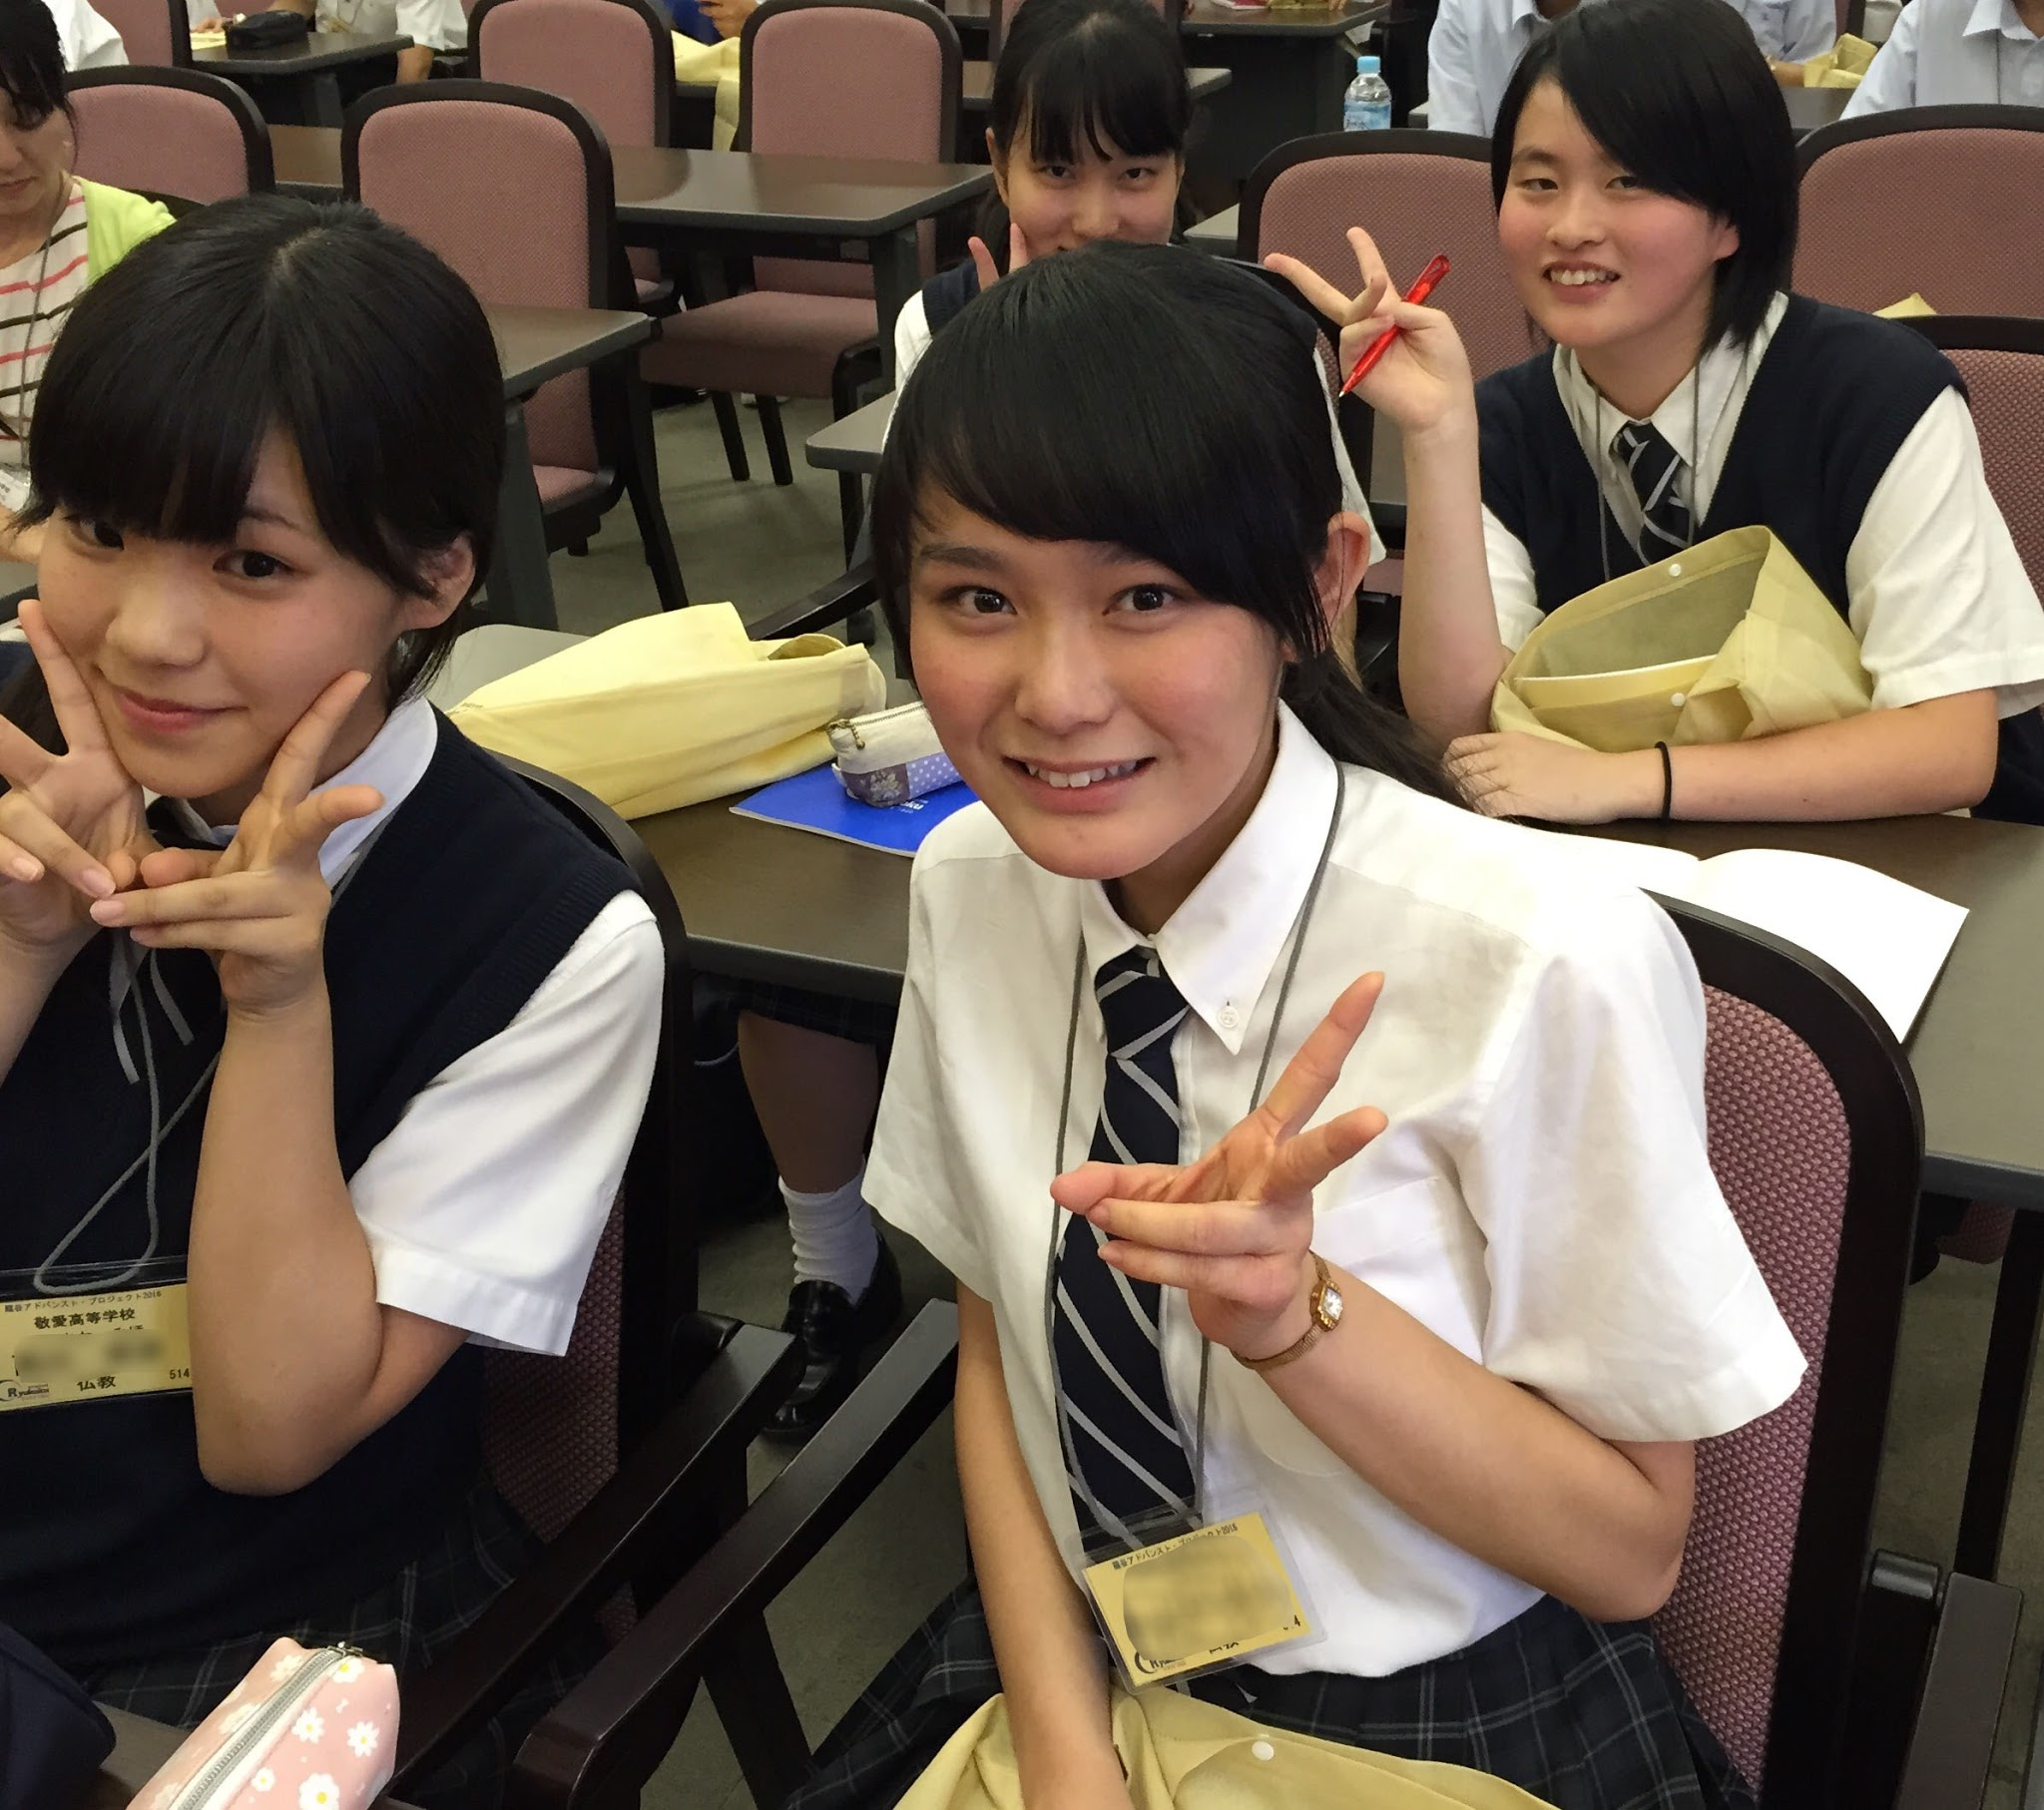 そそる集合写真19 [無断転載禁止]©bbspink.comYouTube動画>1本 ->画像>1016枚